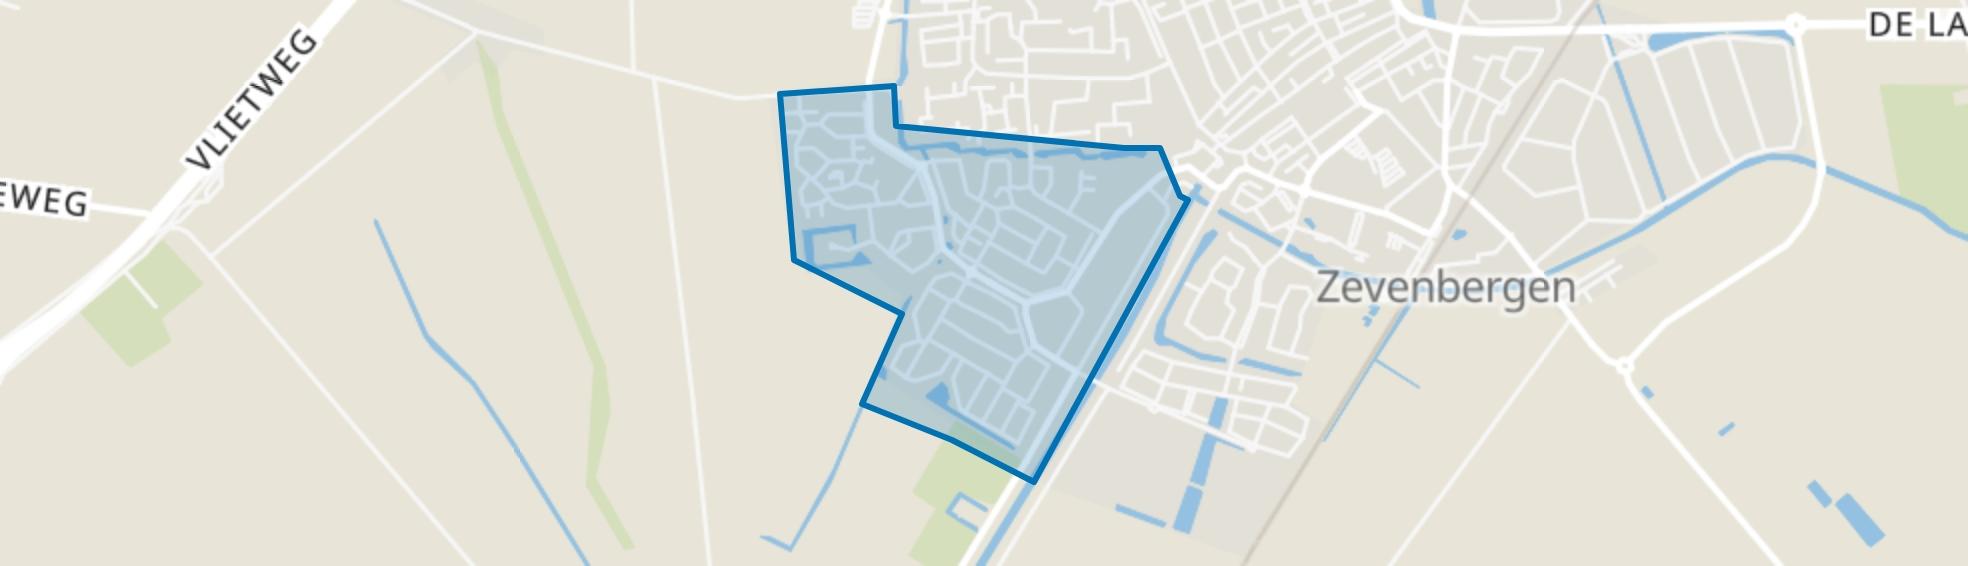 Lindonk, Zevenbergen map